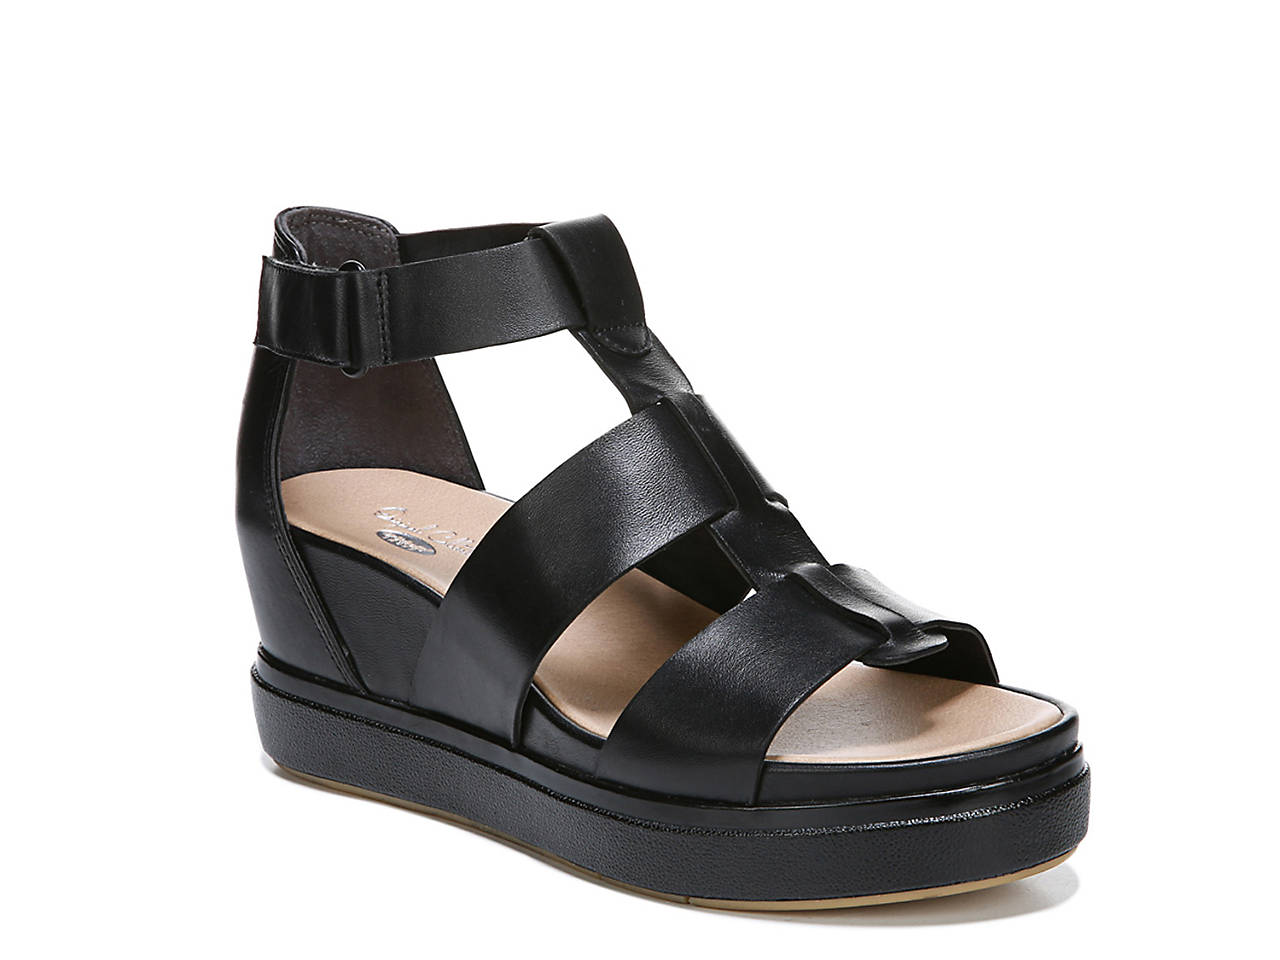 Saffron Wedge Sandal by Dr. Scholl's